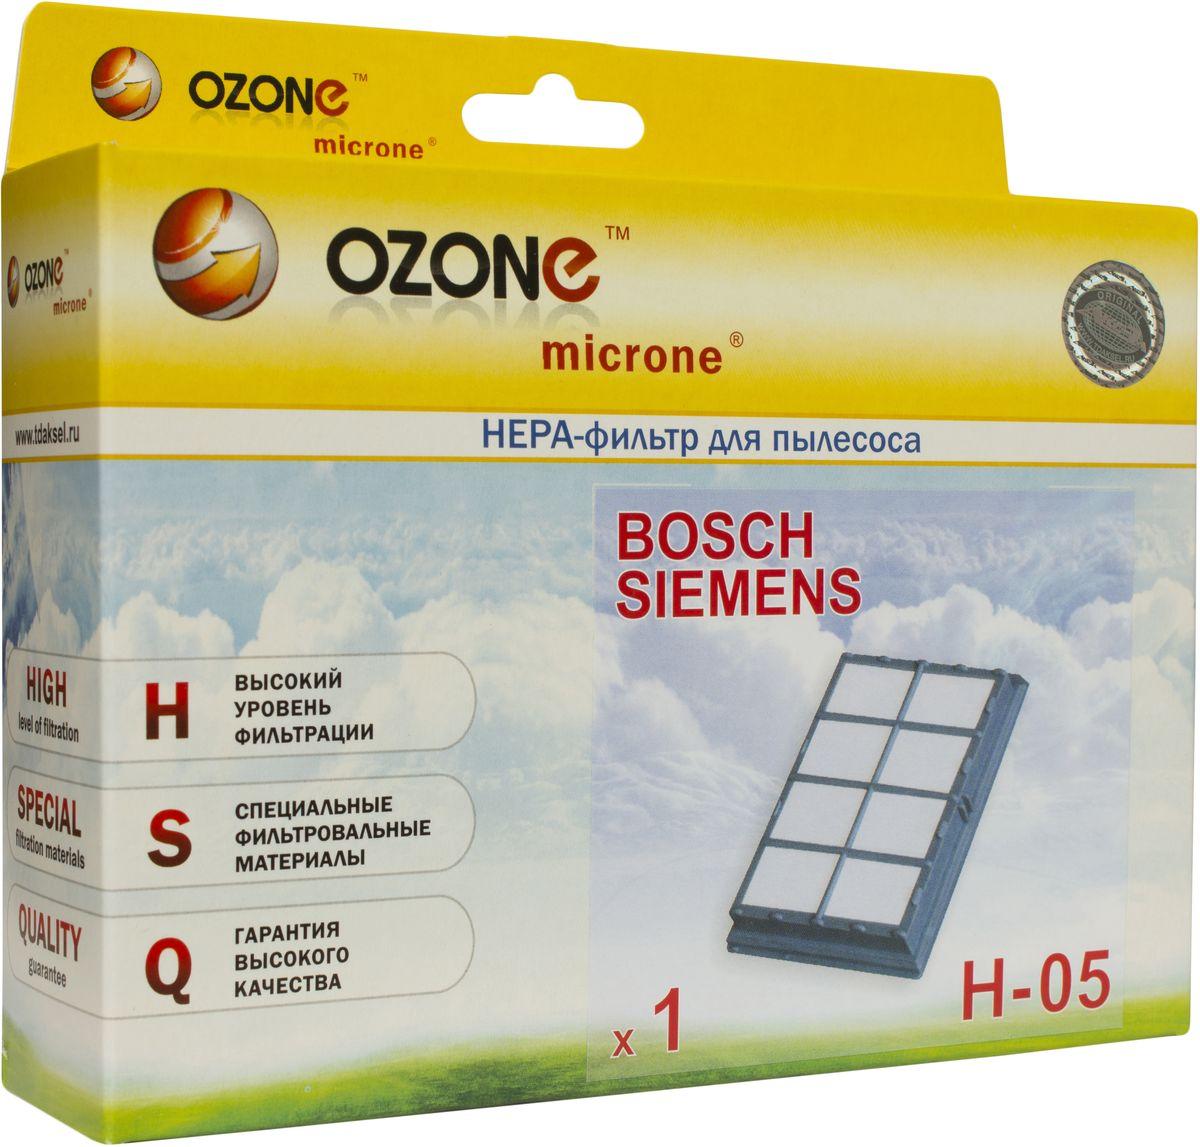 Ozone H-05 НЕРА фильтр для пылесосов Bosch, SiemensH-05HEPA фильтр Ozone microne H-05 высокоэффективной очистки предназначен для завершающей очистки воздуха в помещении, которое требует высокое качество воздуха, например, медицинских помещений. Фильтр состоит из мелкопористых материалов, что служит эффективному задерживанию частиц размером до 0,3 мкм. Фильтры HEPA последнего поколения имеют степень очистки воздуха около 95-97%. Фильтры не подлежат к промывке, а значит, они являются одноразовыми.